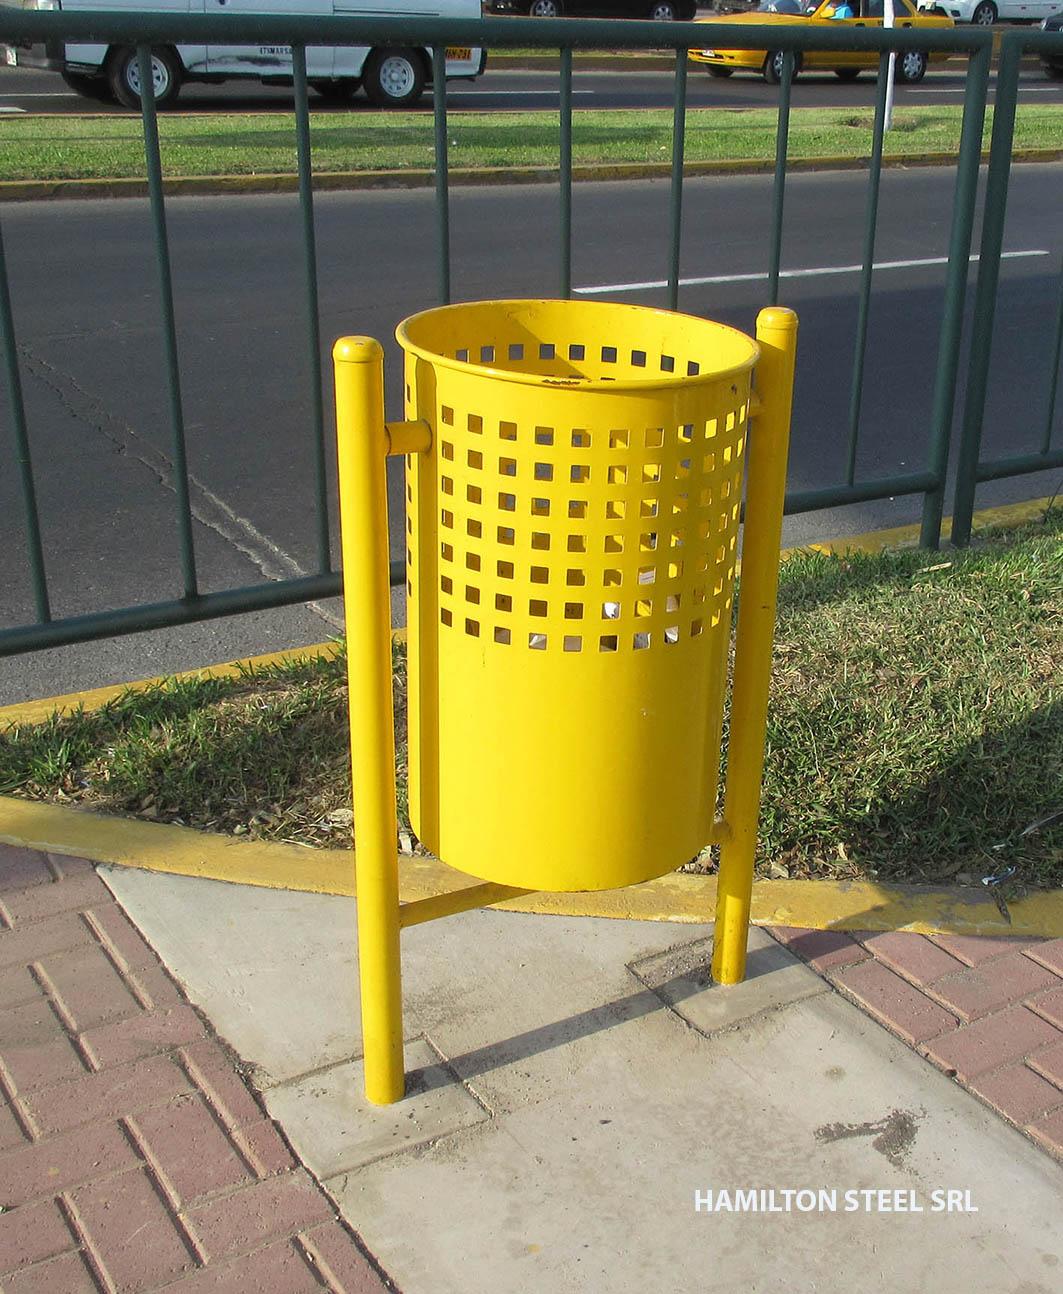 Tachos para parques hamilton steel srl for Animales de plastico para jardin